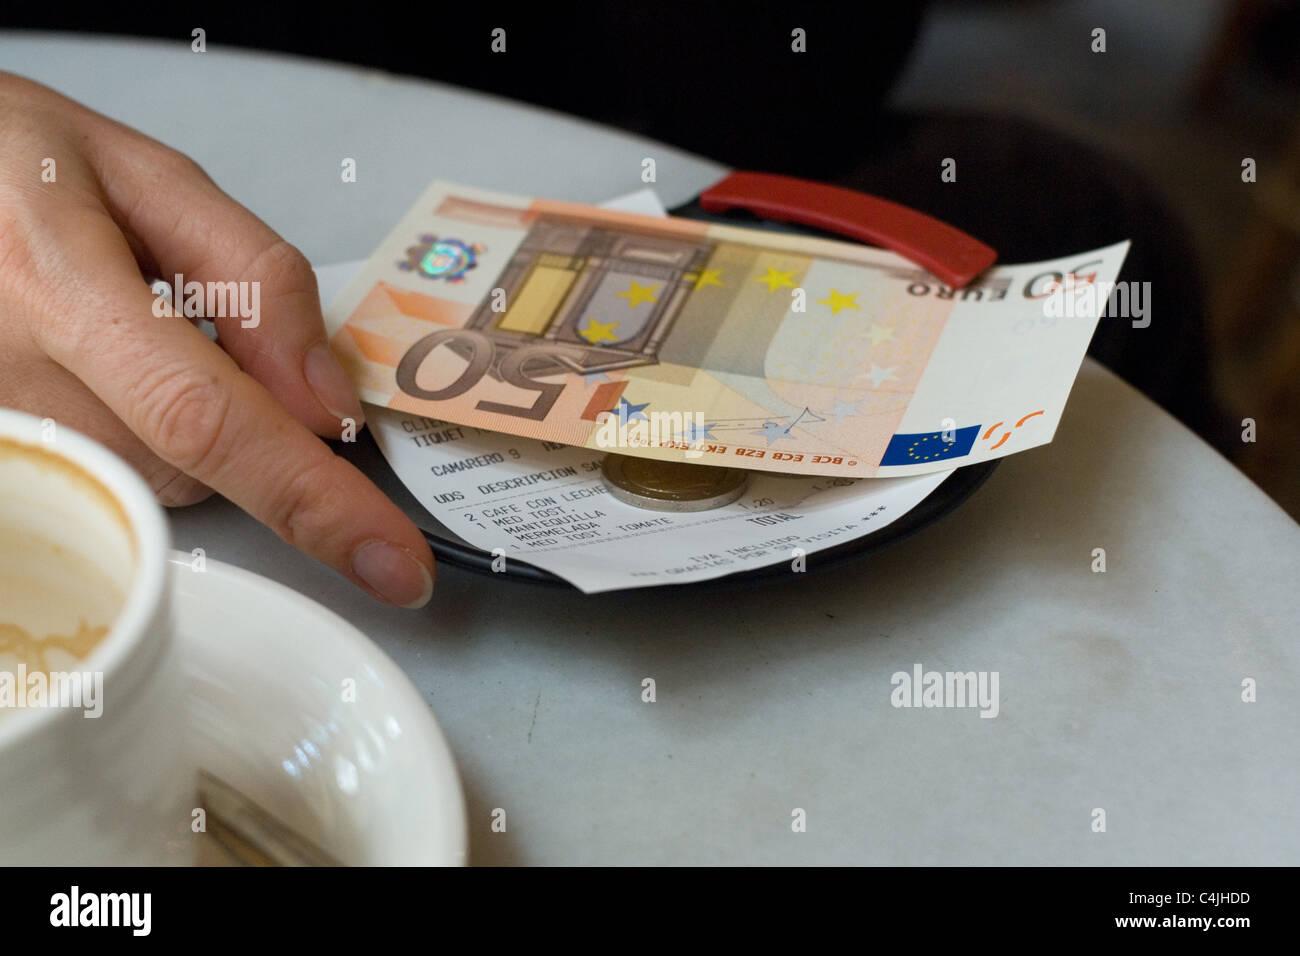 50 euros - Stock Image